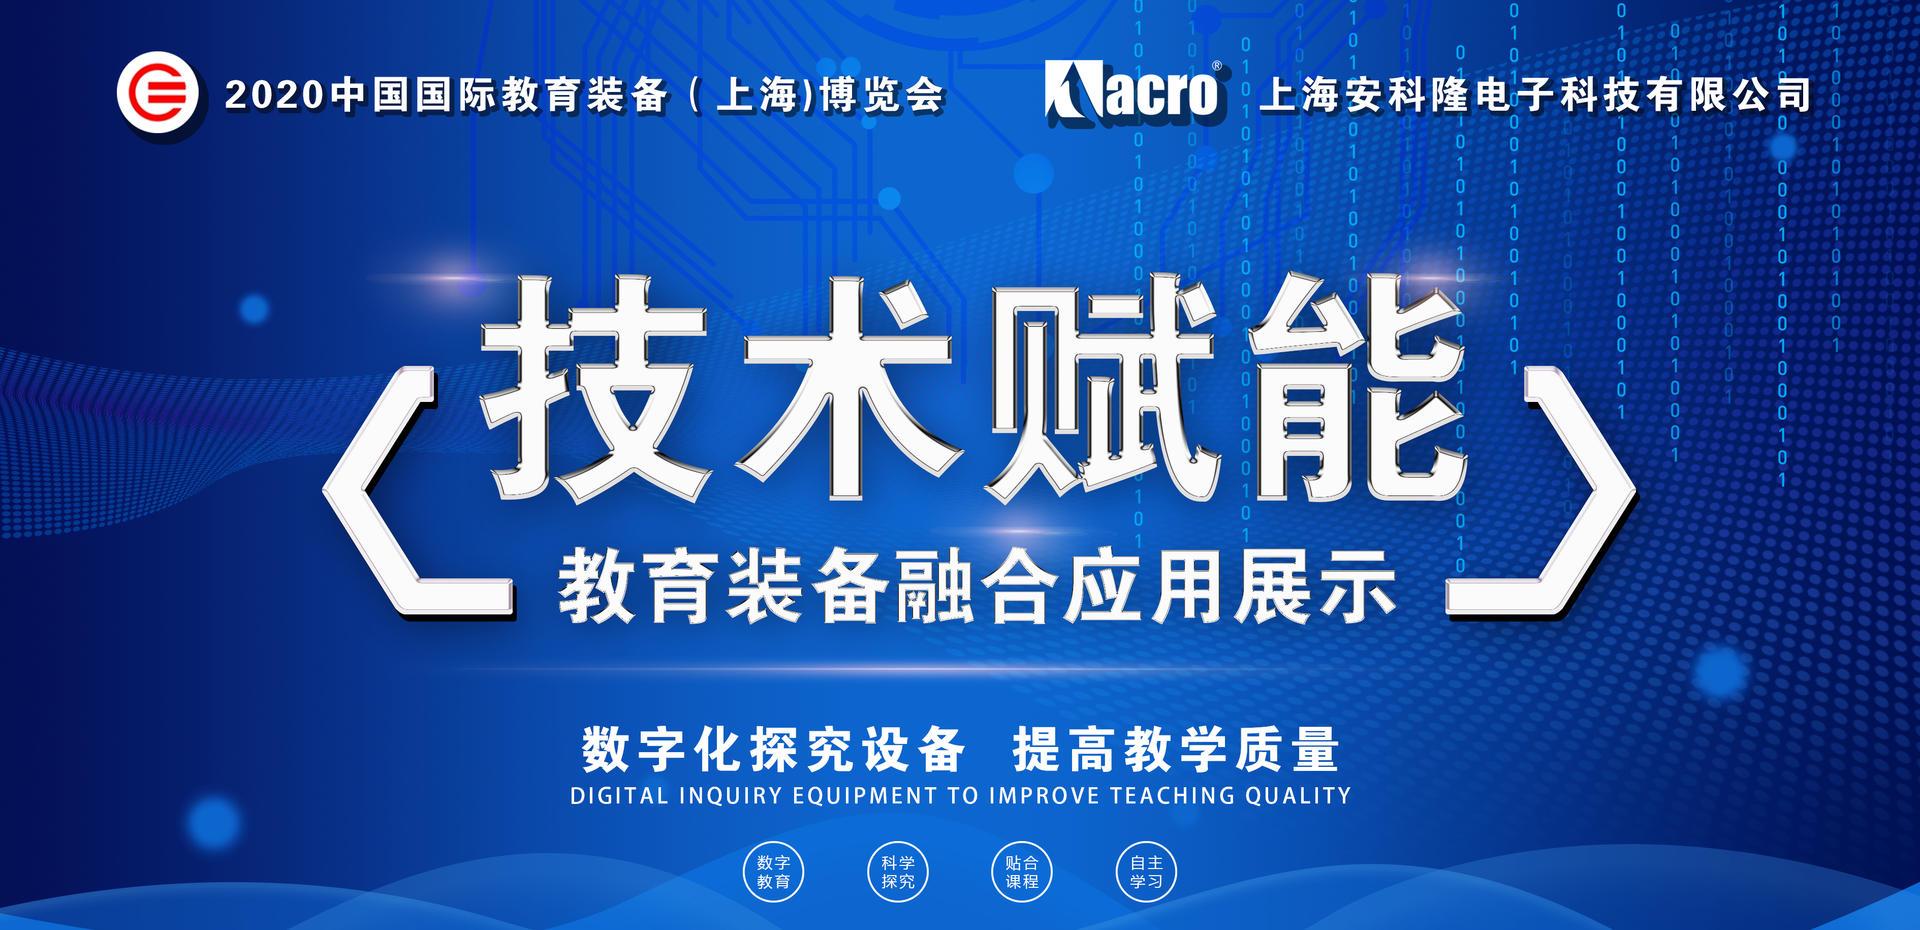 海报-智能科技**未来.jpg